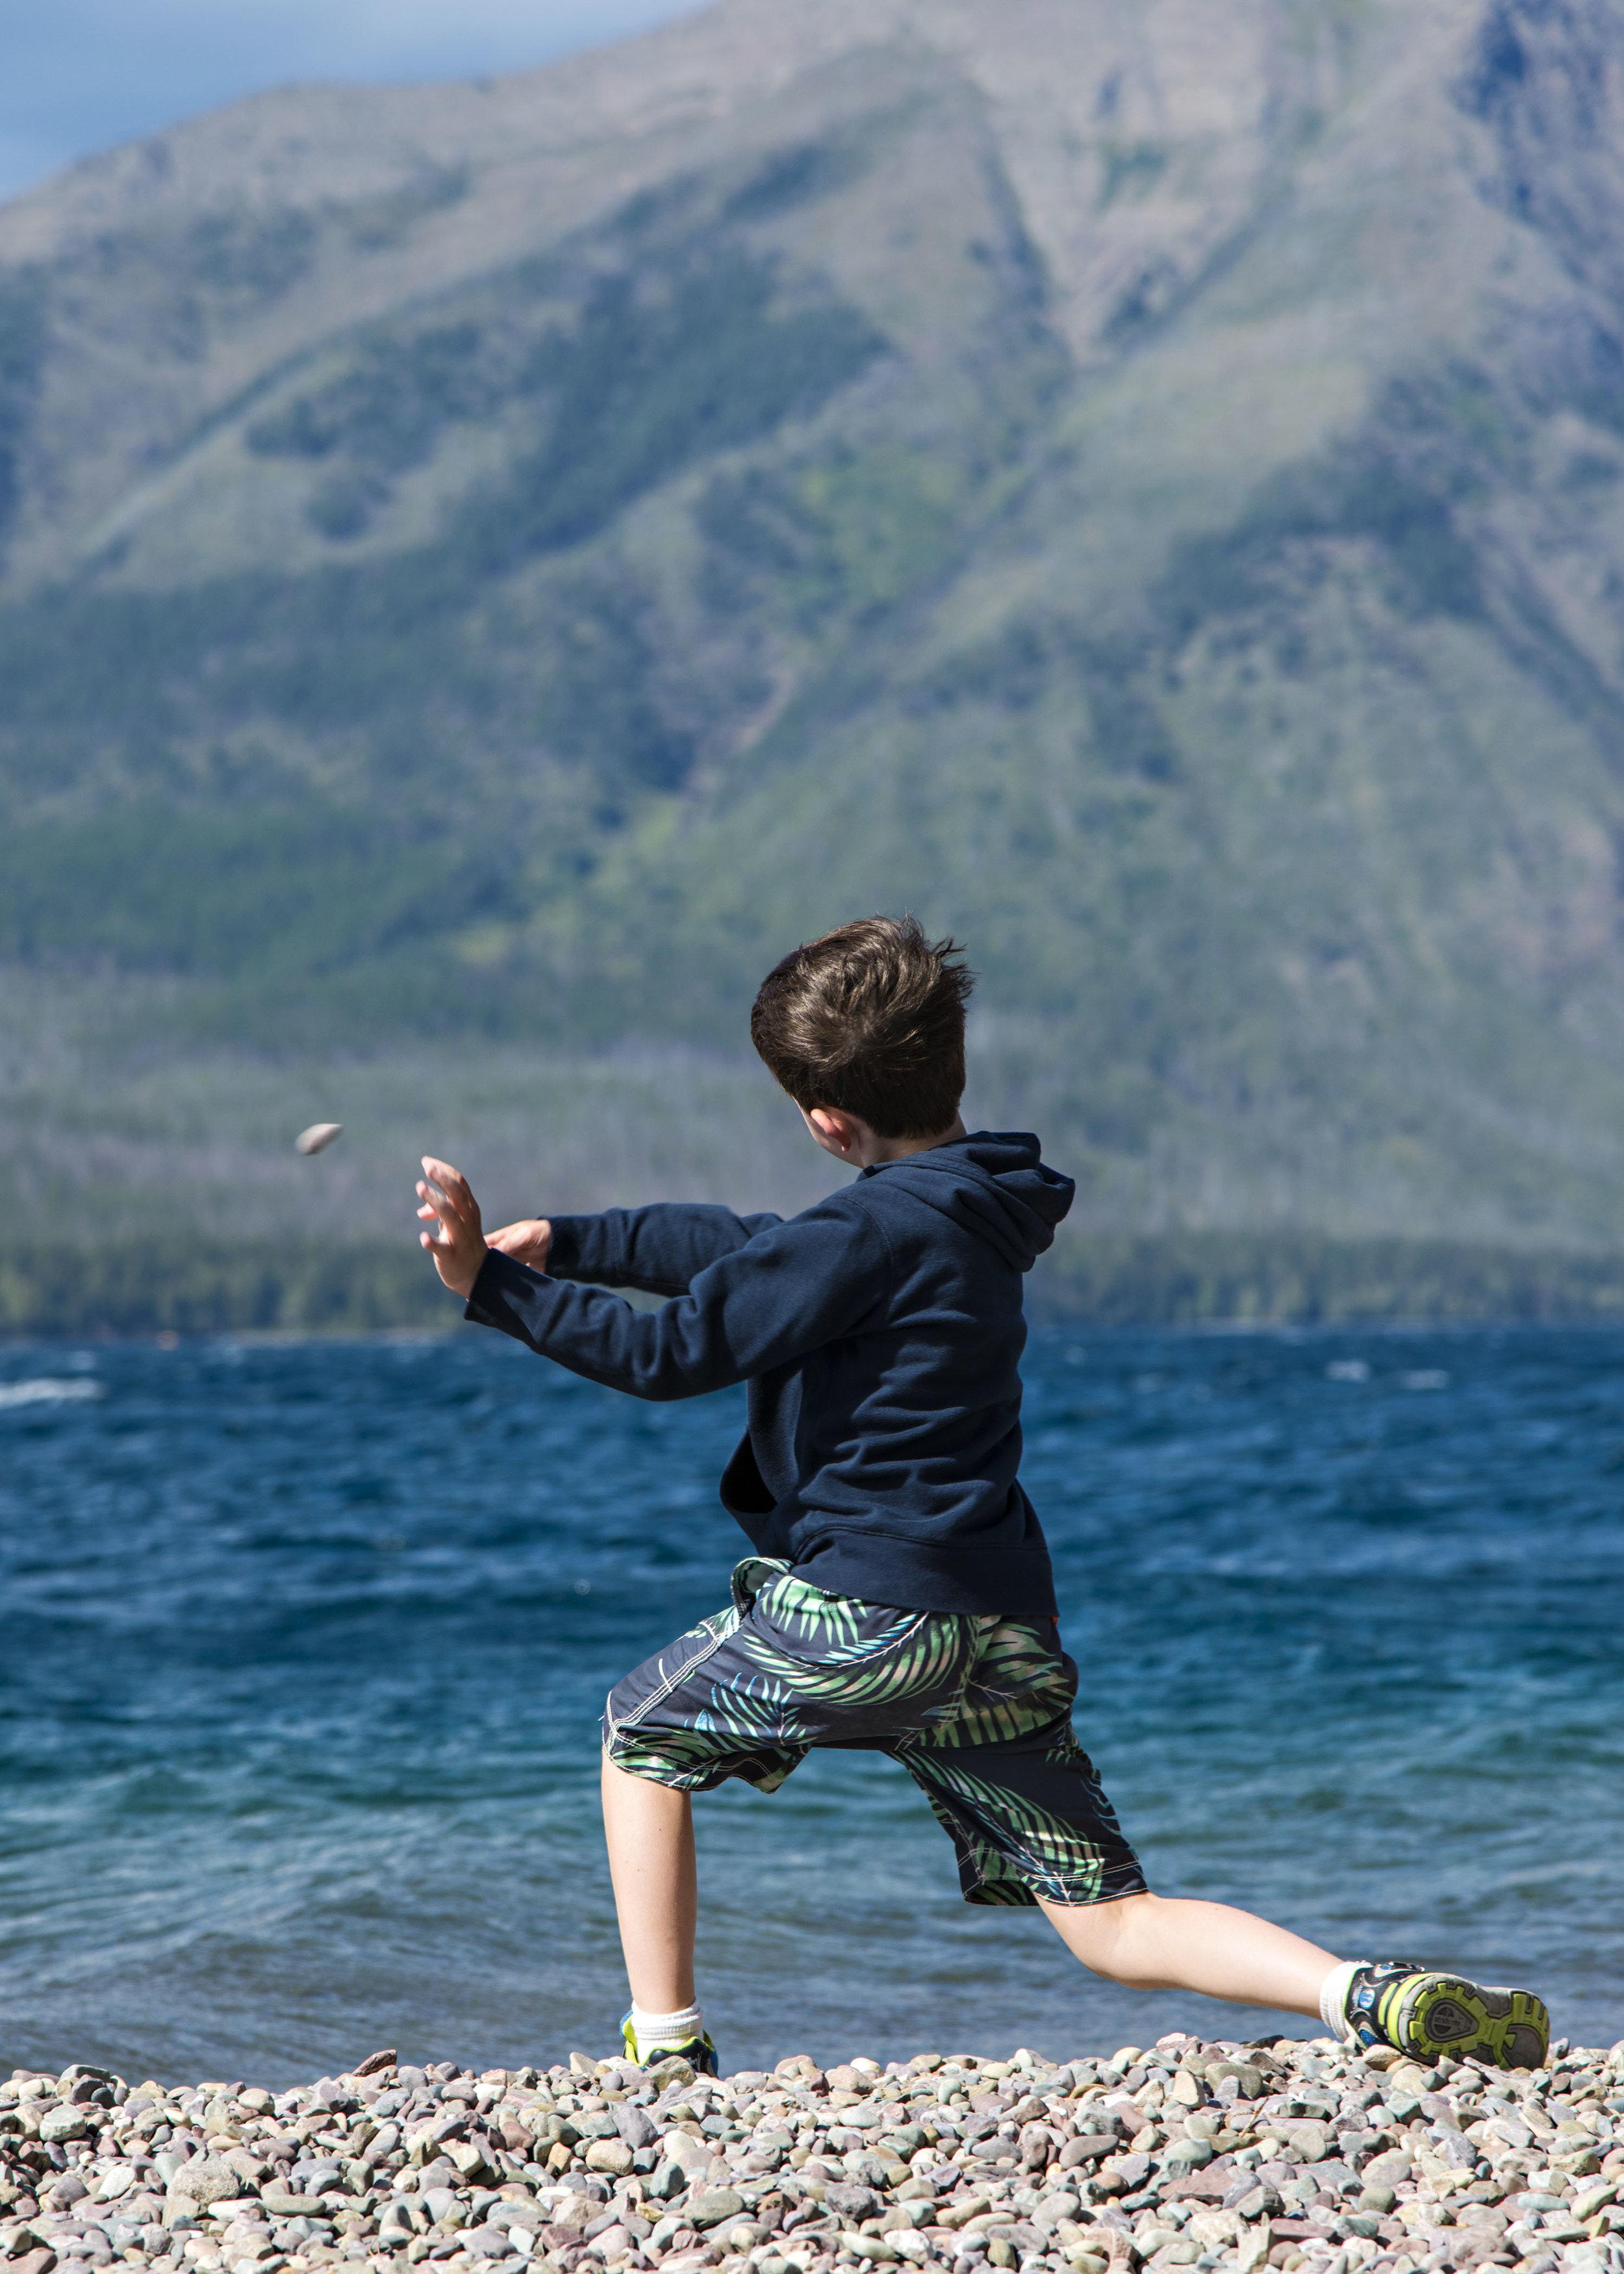 Parker skips stones on Lake McDonald, Glacier National Park. Nikon D800, Nikkor 24-120mm lens @ 120mm, ISO 100, f5.6, 1/500 sec.